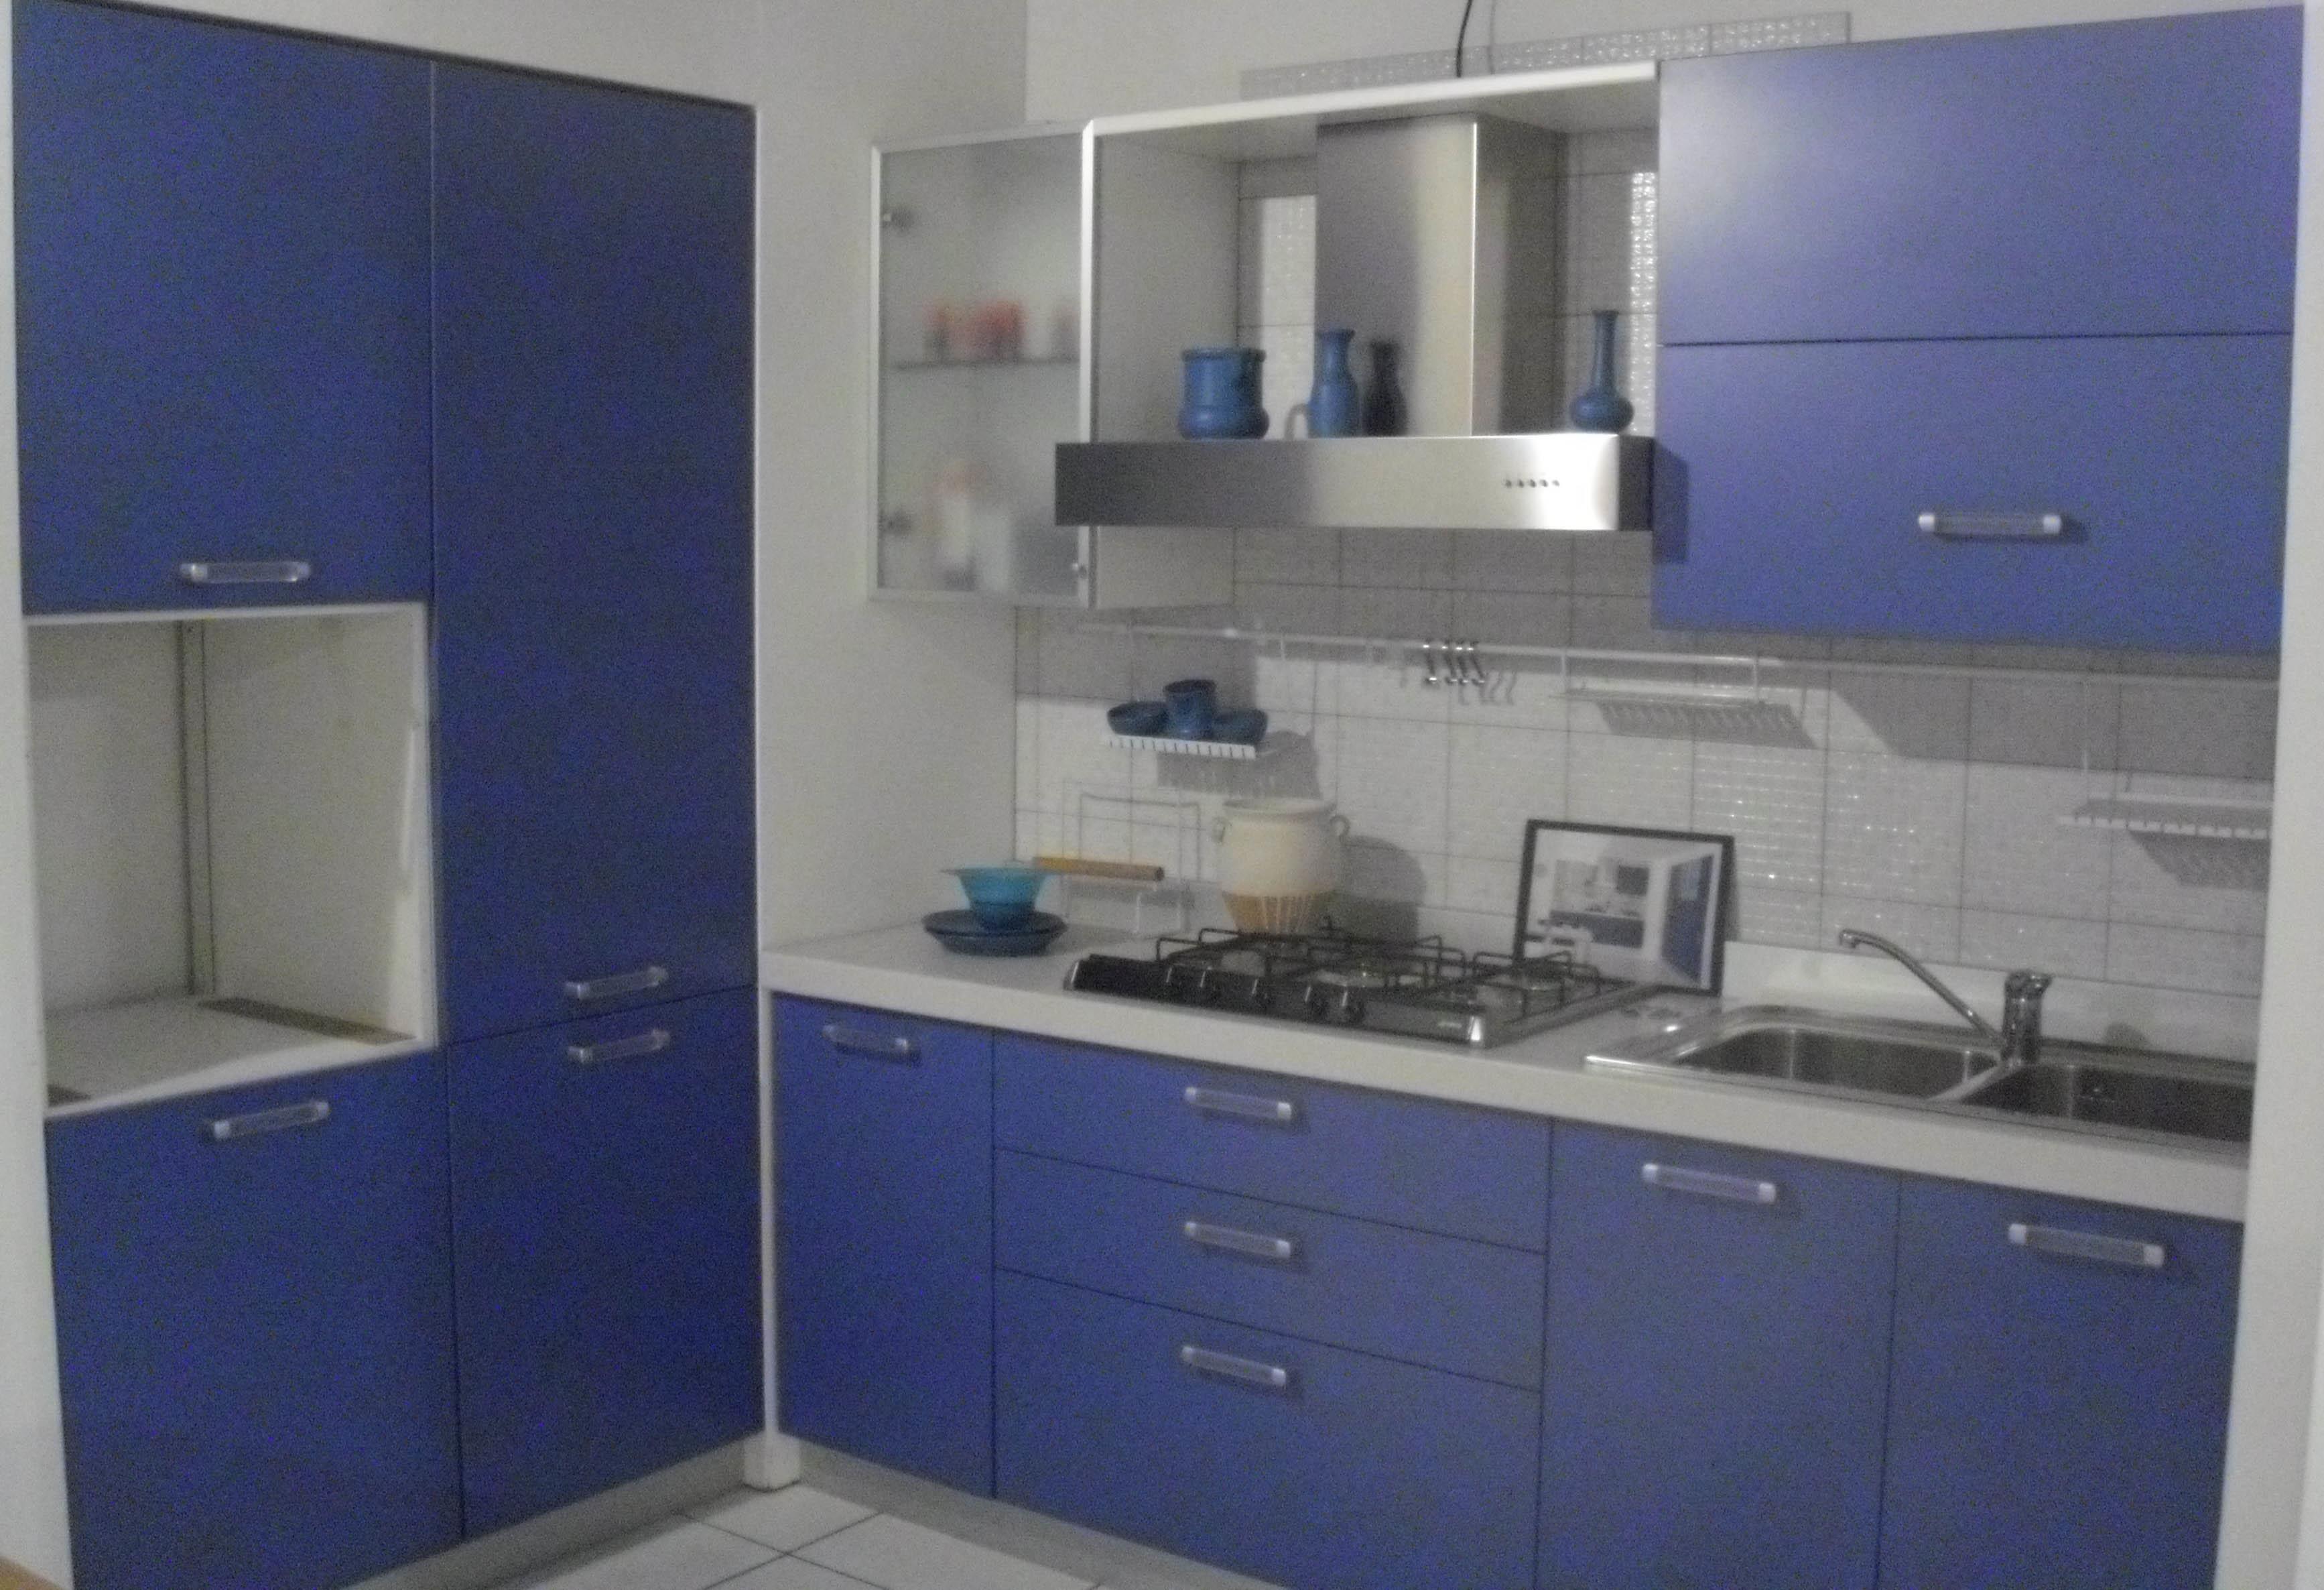 Cucina novadue cucine laminato cucine a prezzi scontati - Dipingere mobili laminato ...